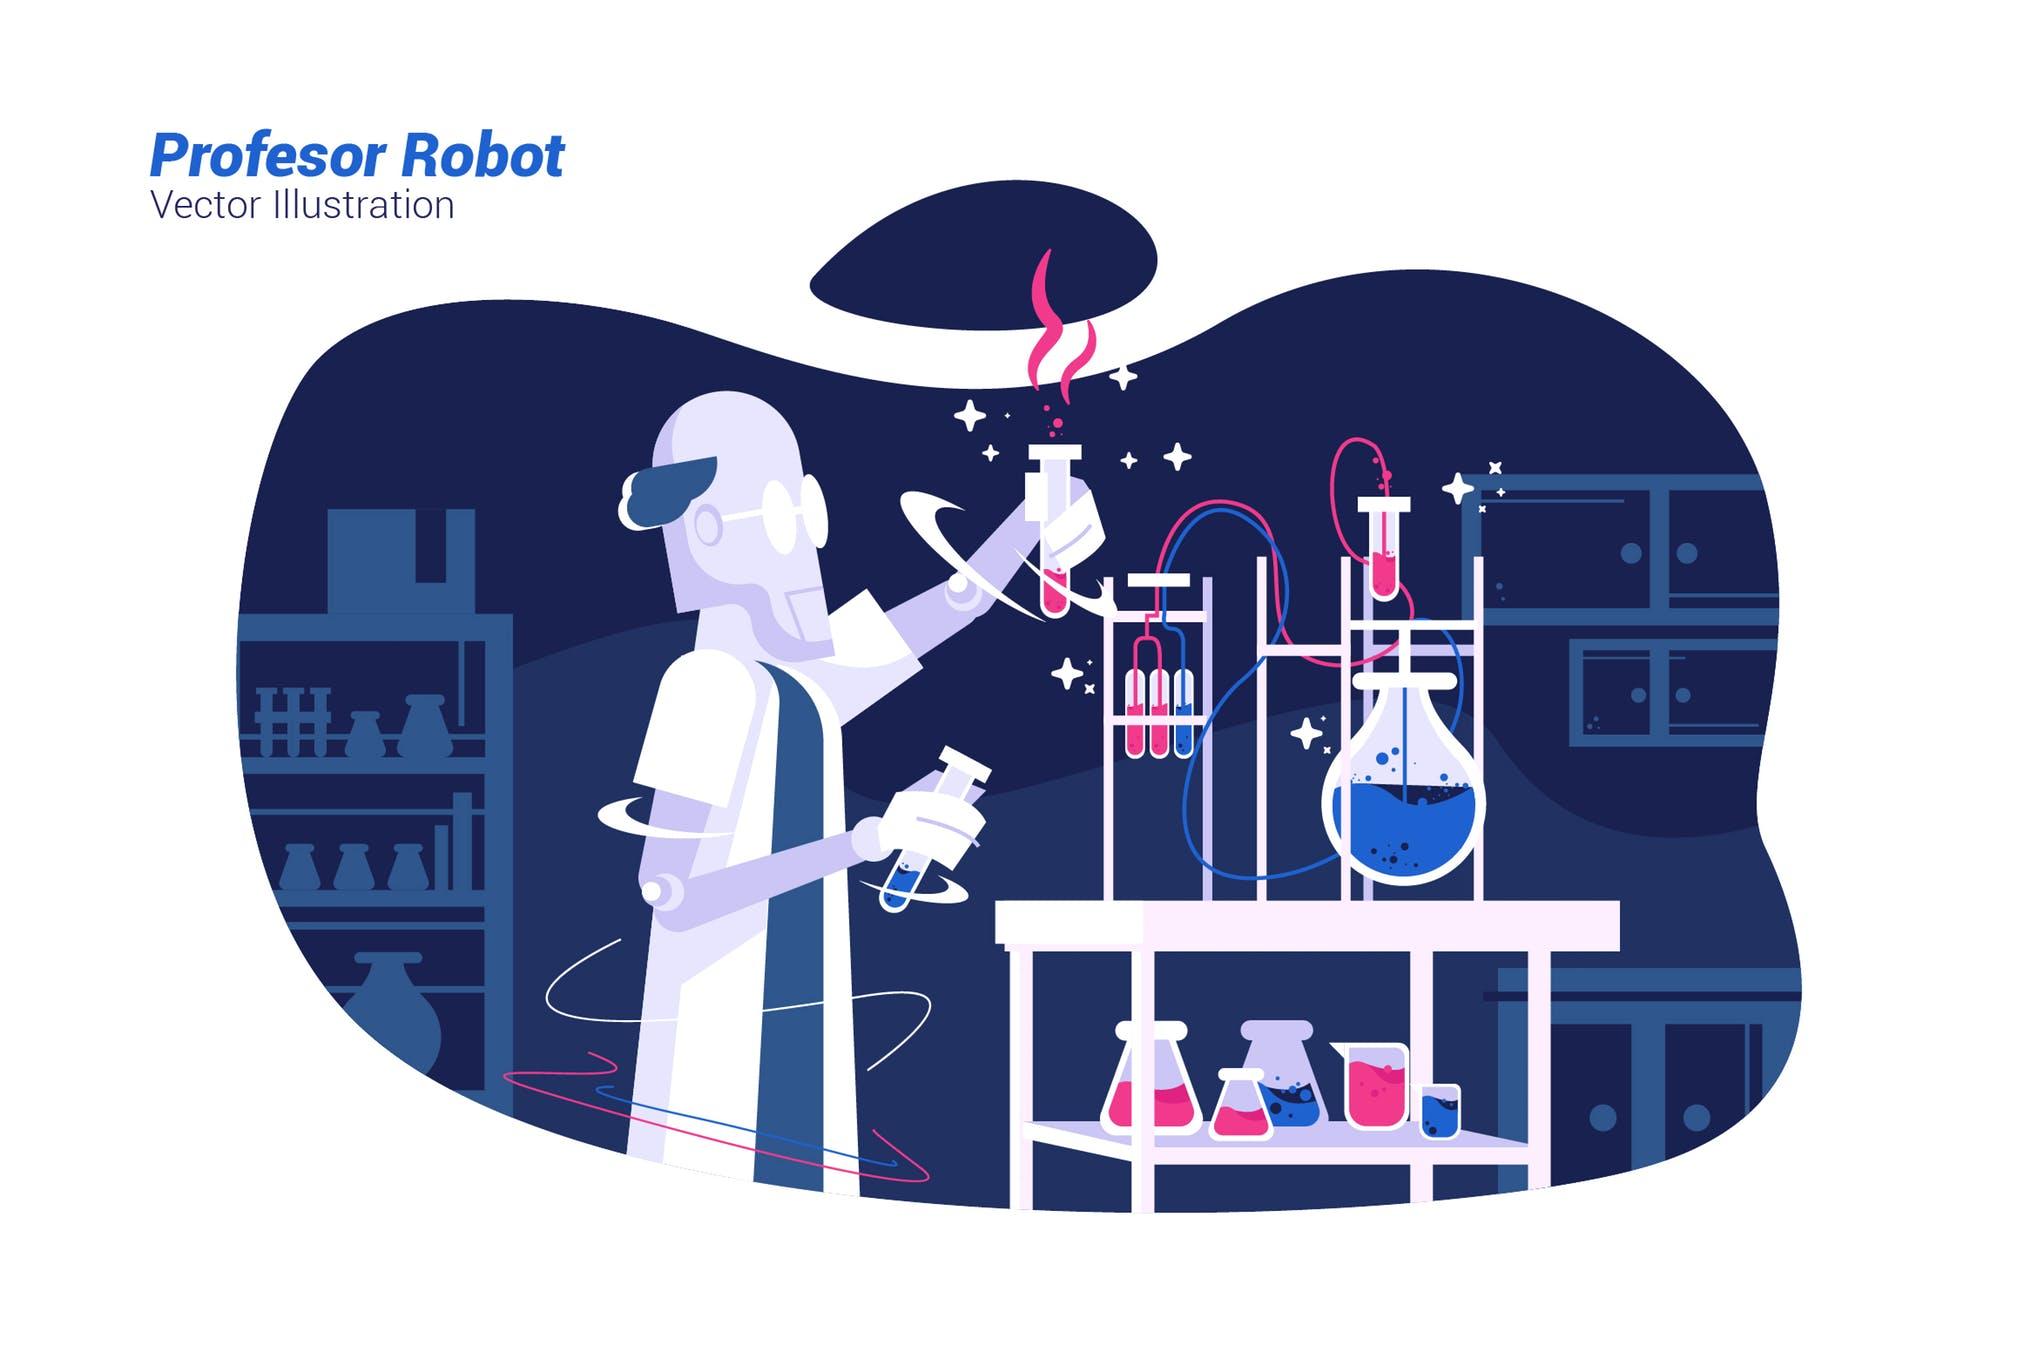 机器人实验室场景插画素材下载Profesor Robot - Vector Illustration